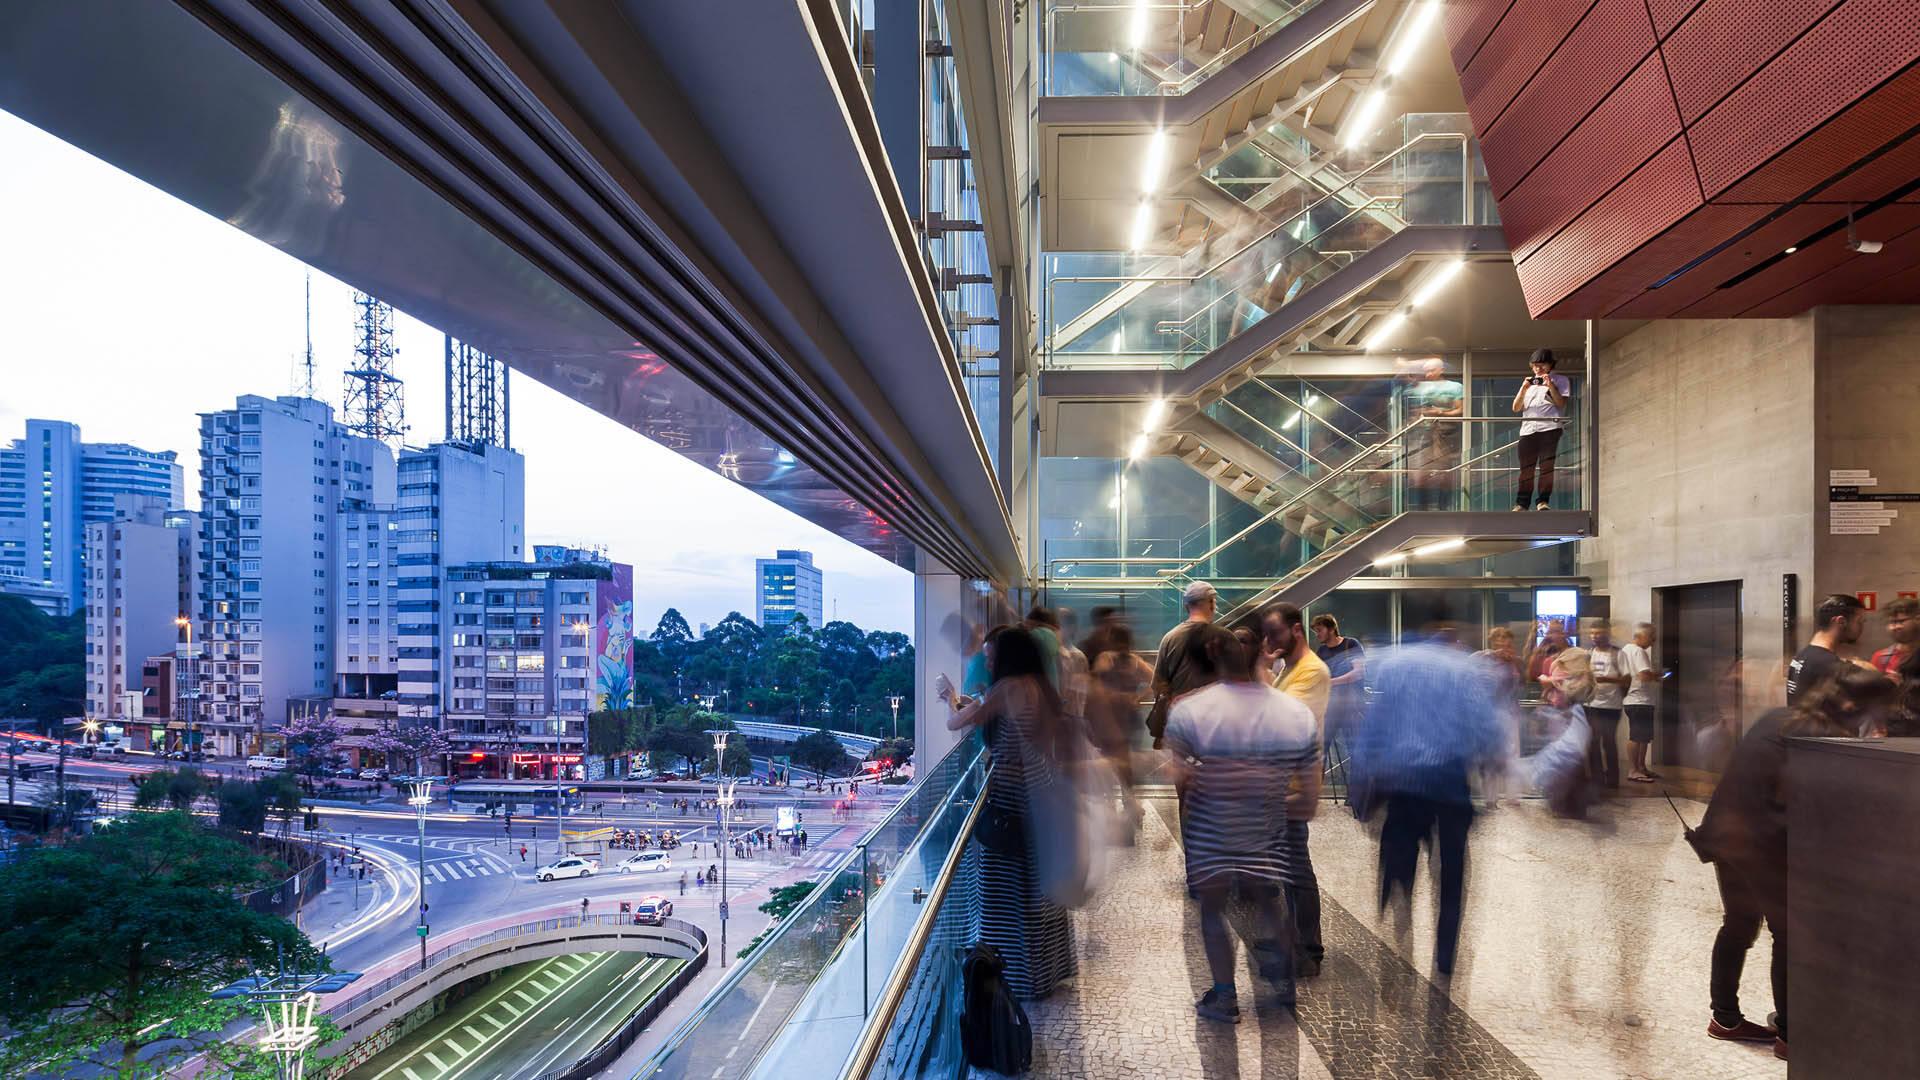 O Instituto Moreira Salles (IMS) fica próximo da região da Consolação, ainda na Avenida Paulista. Foto: Divulgação/IMS